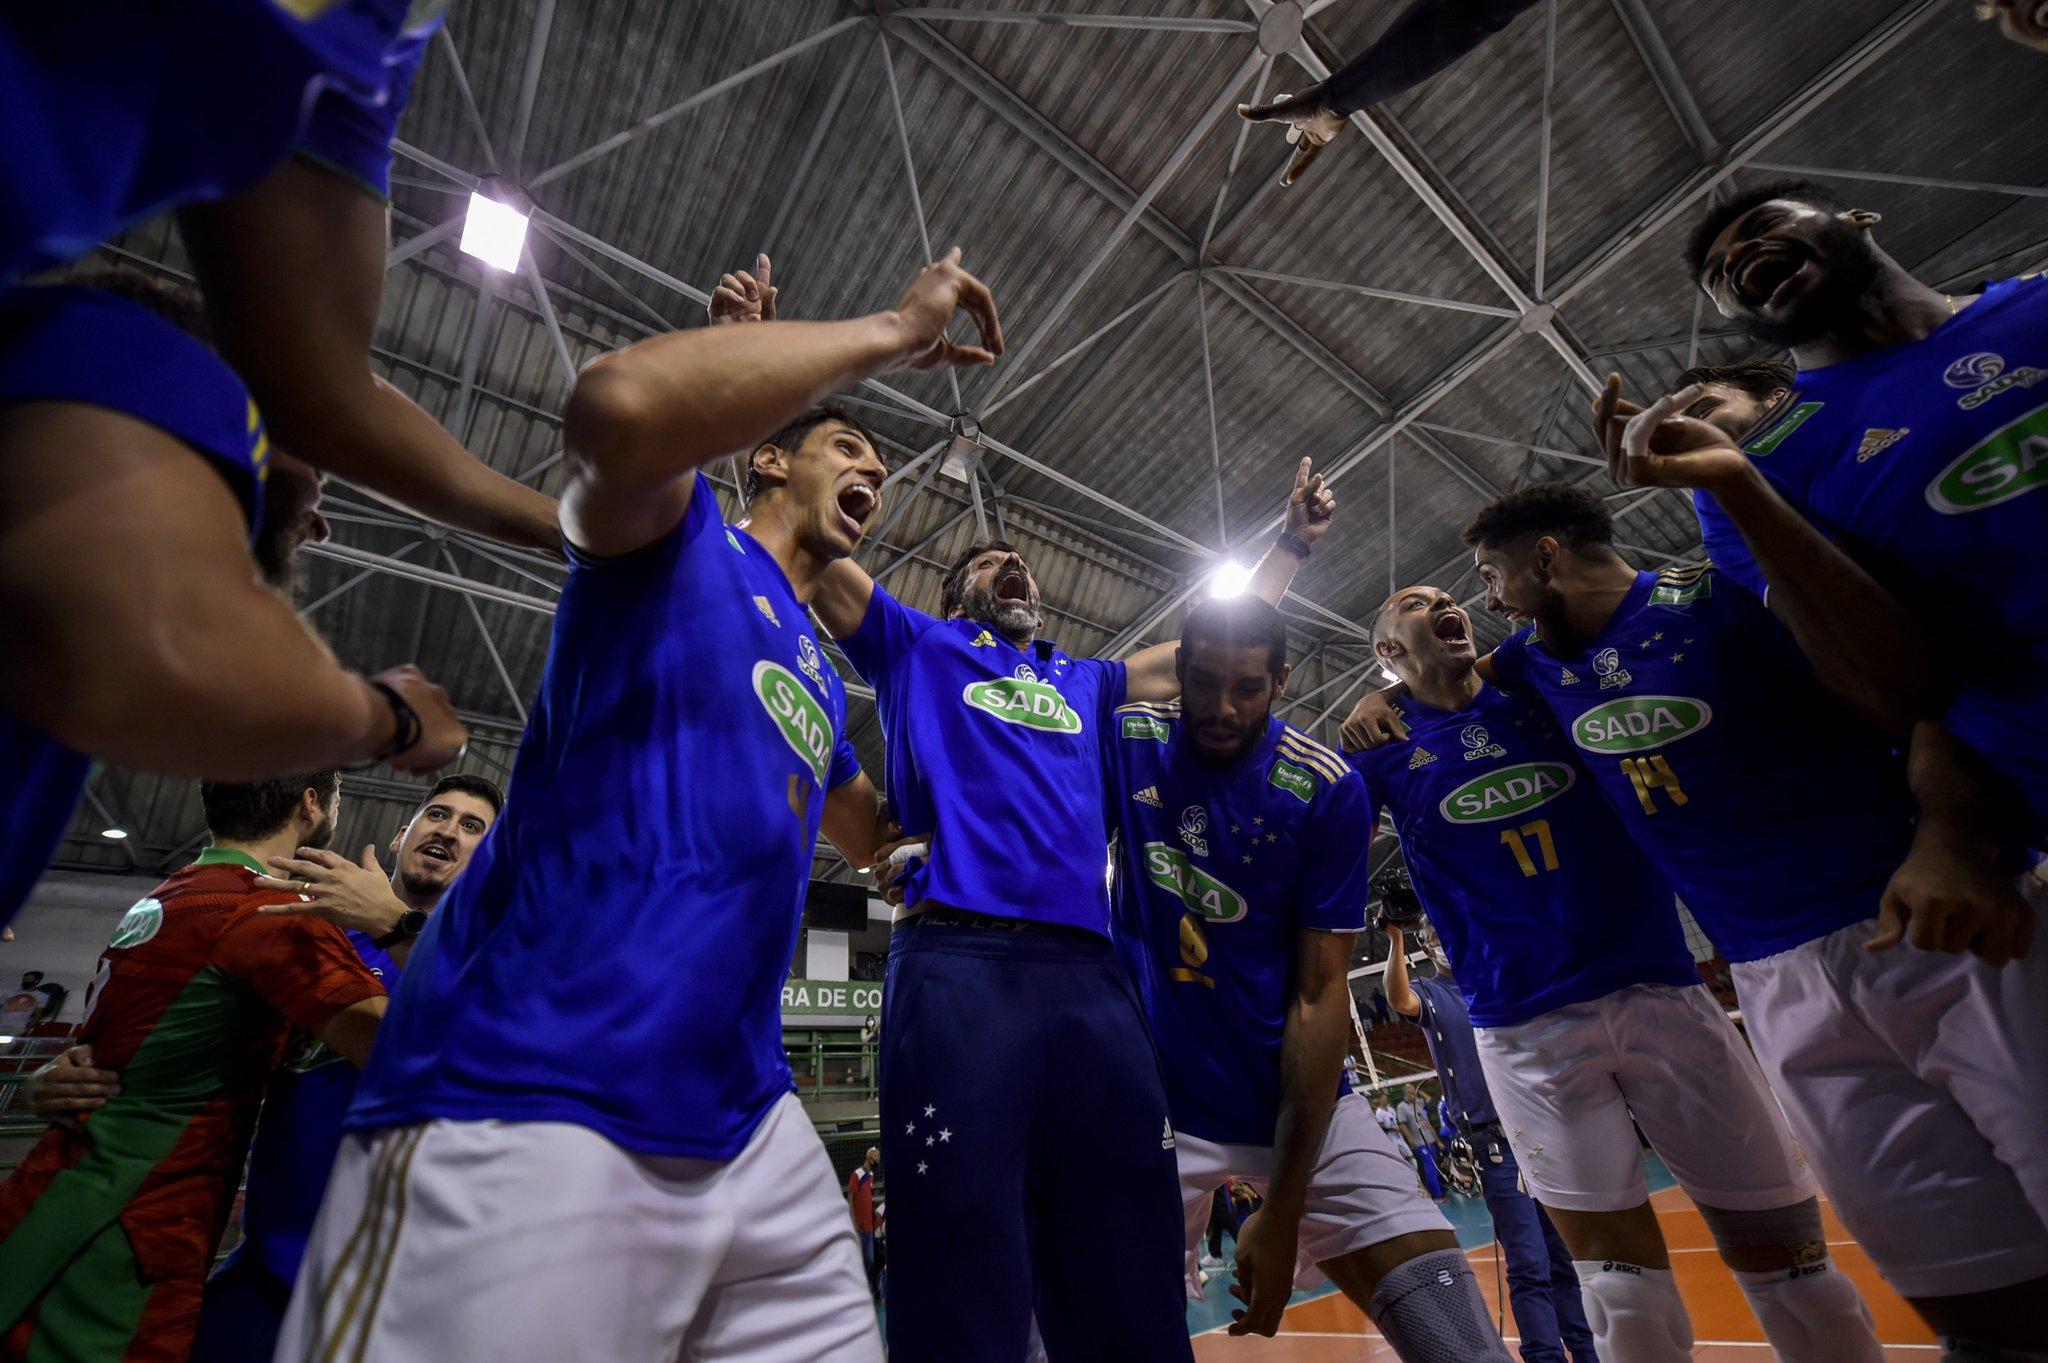 Cruzeiro Twitter